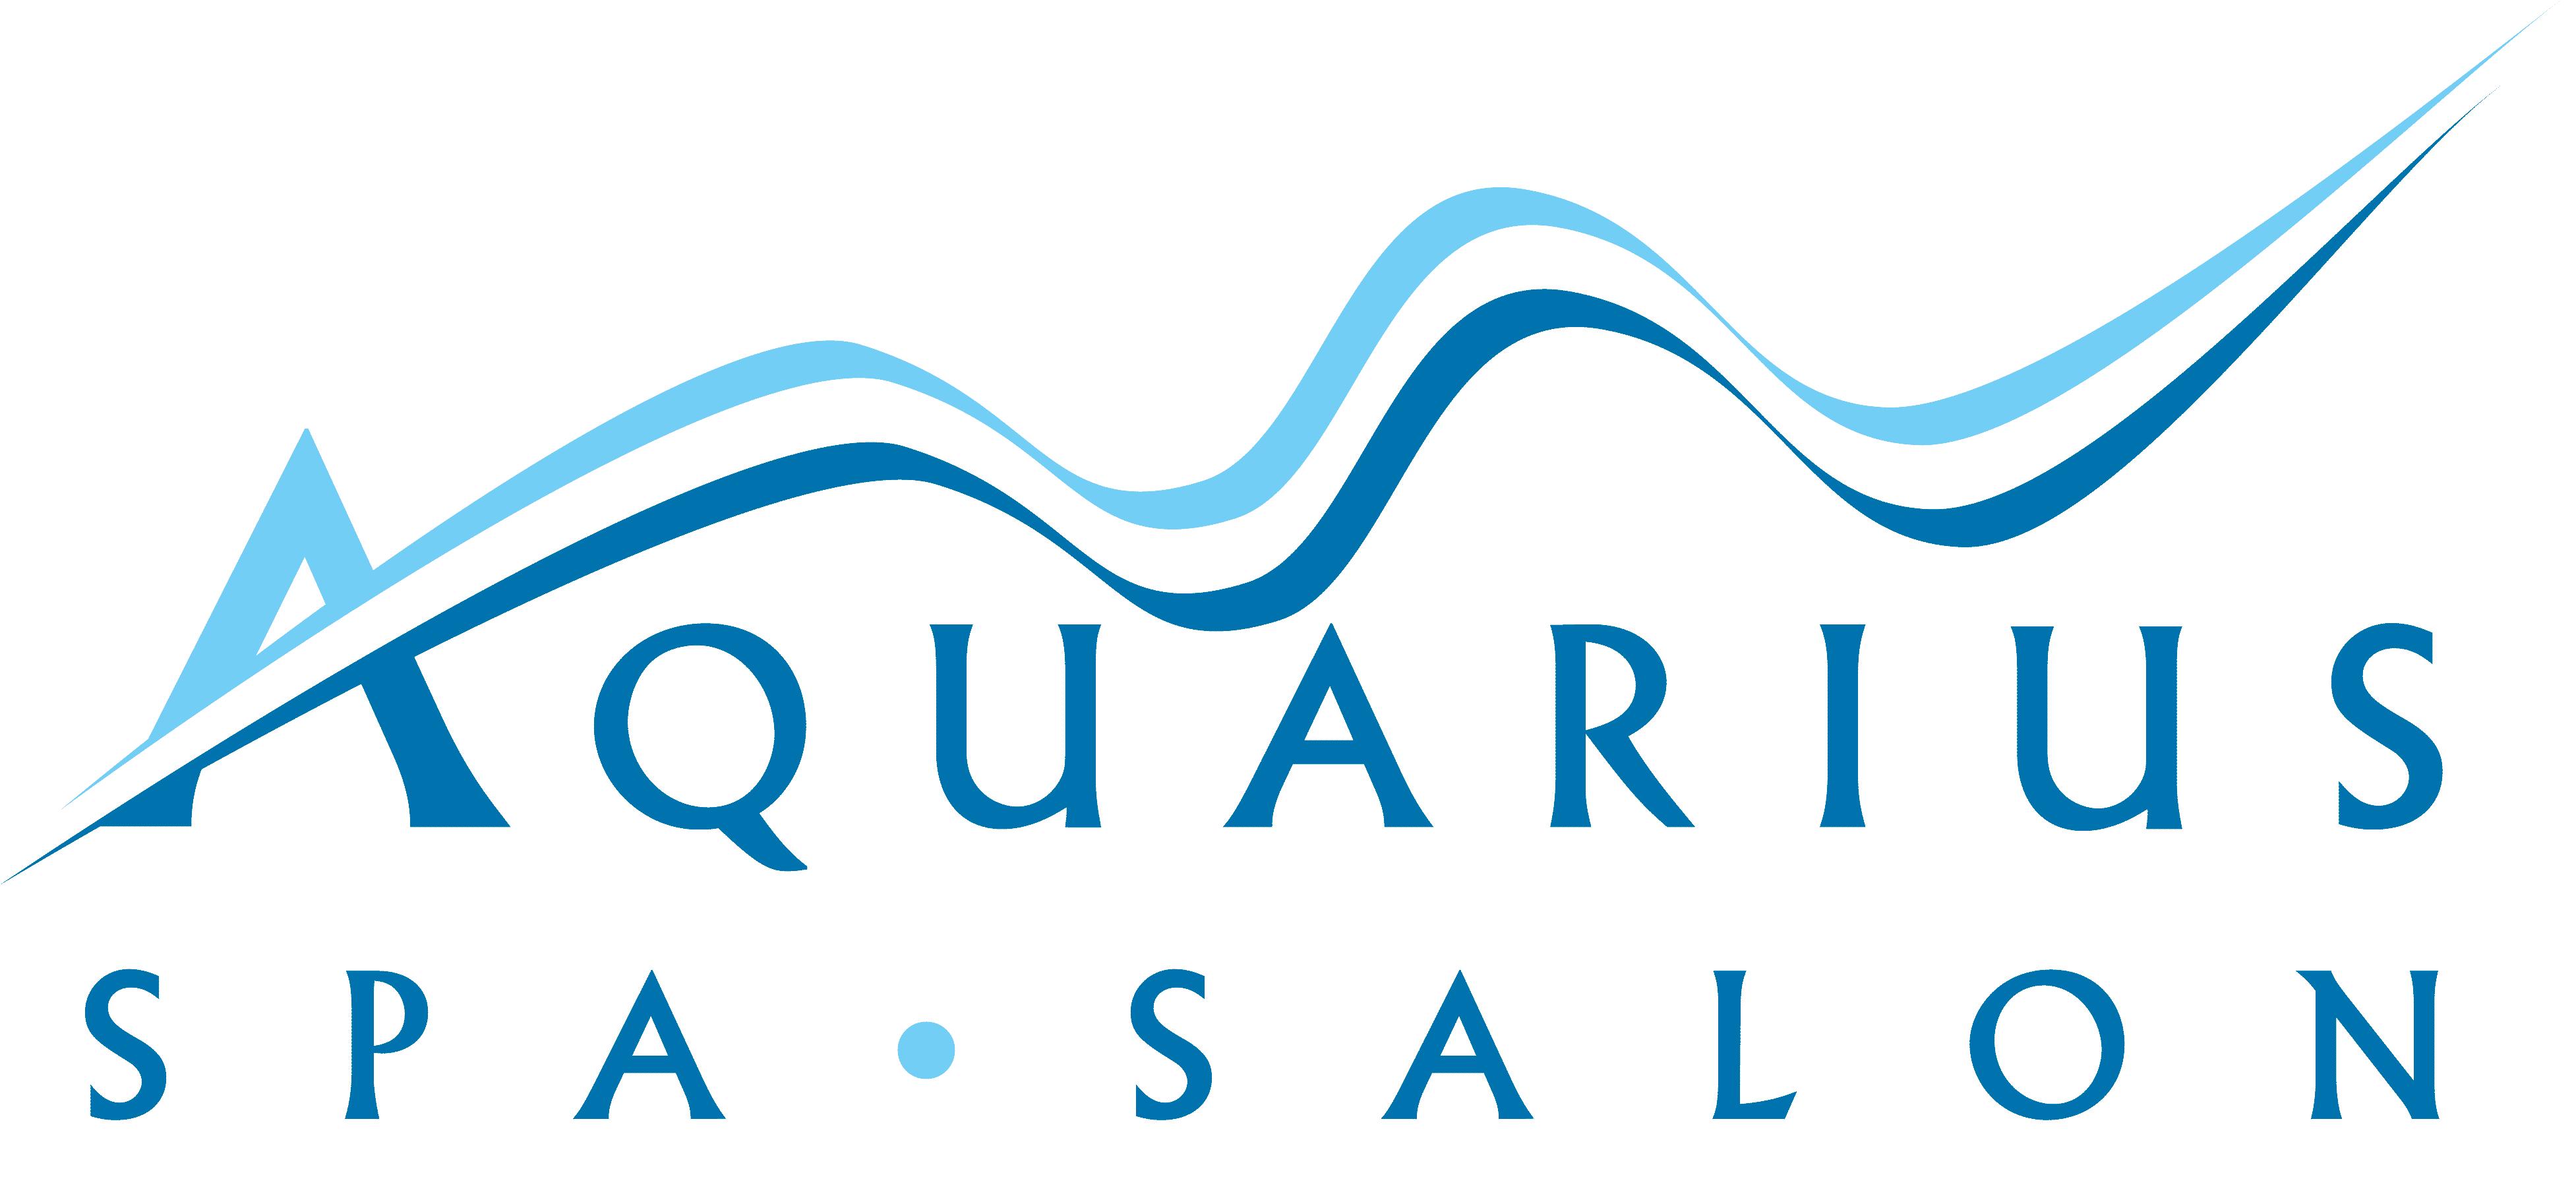 Aquarius Spa & Salon